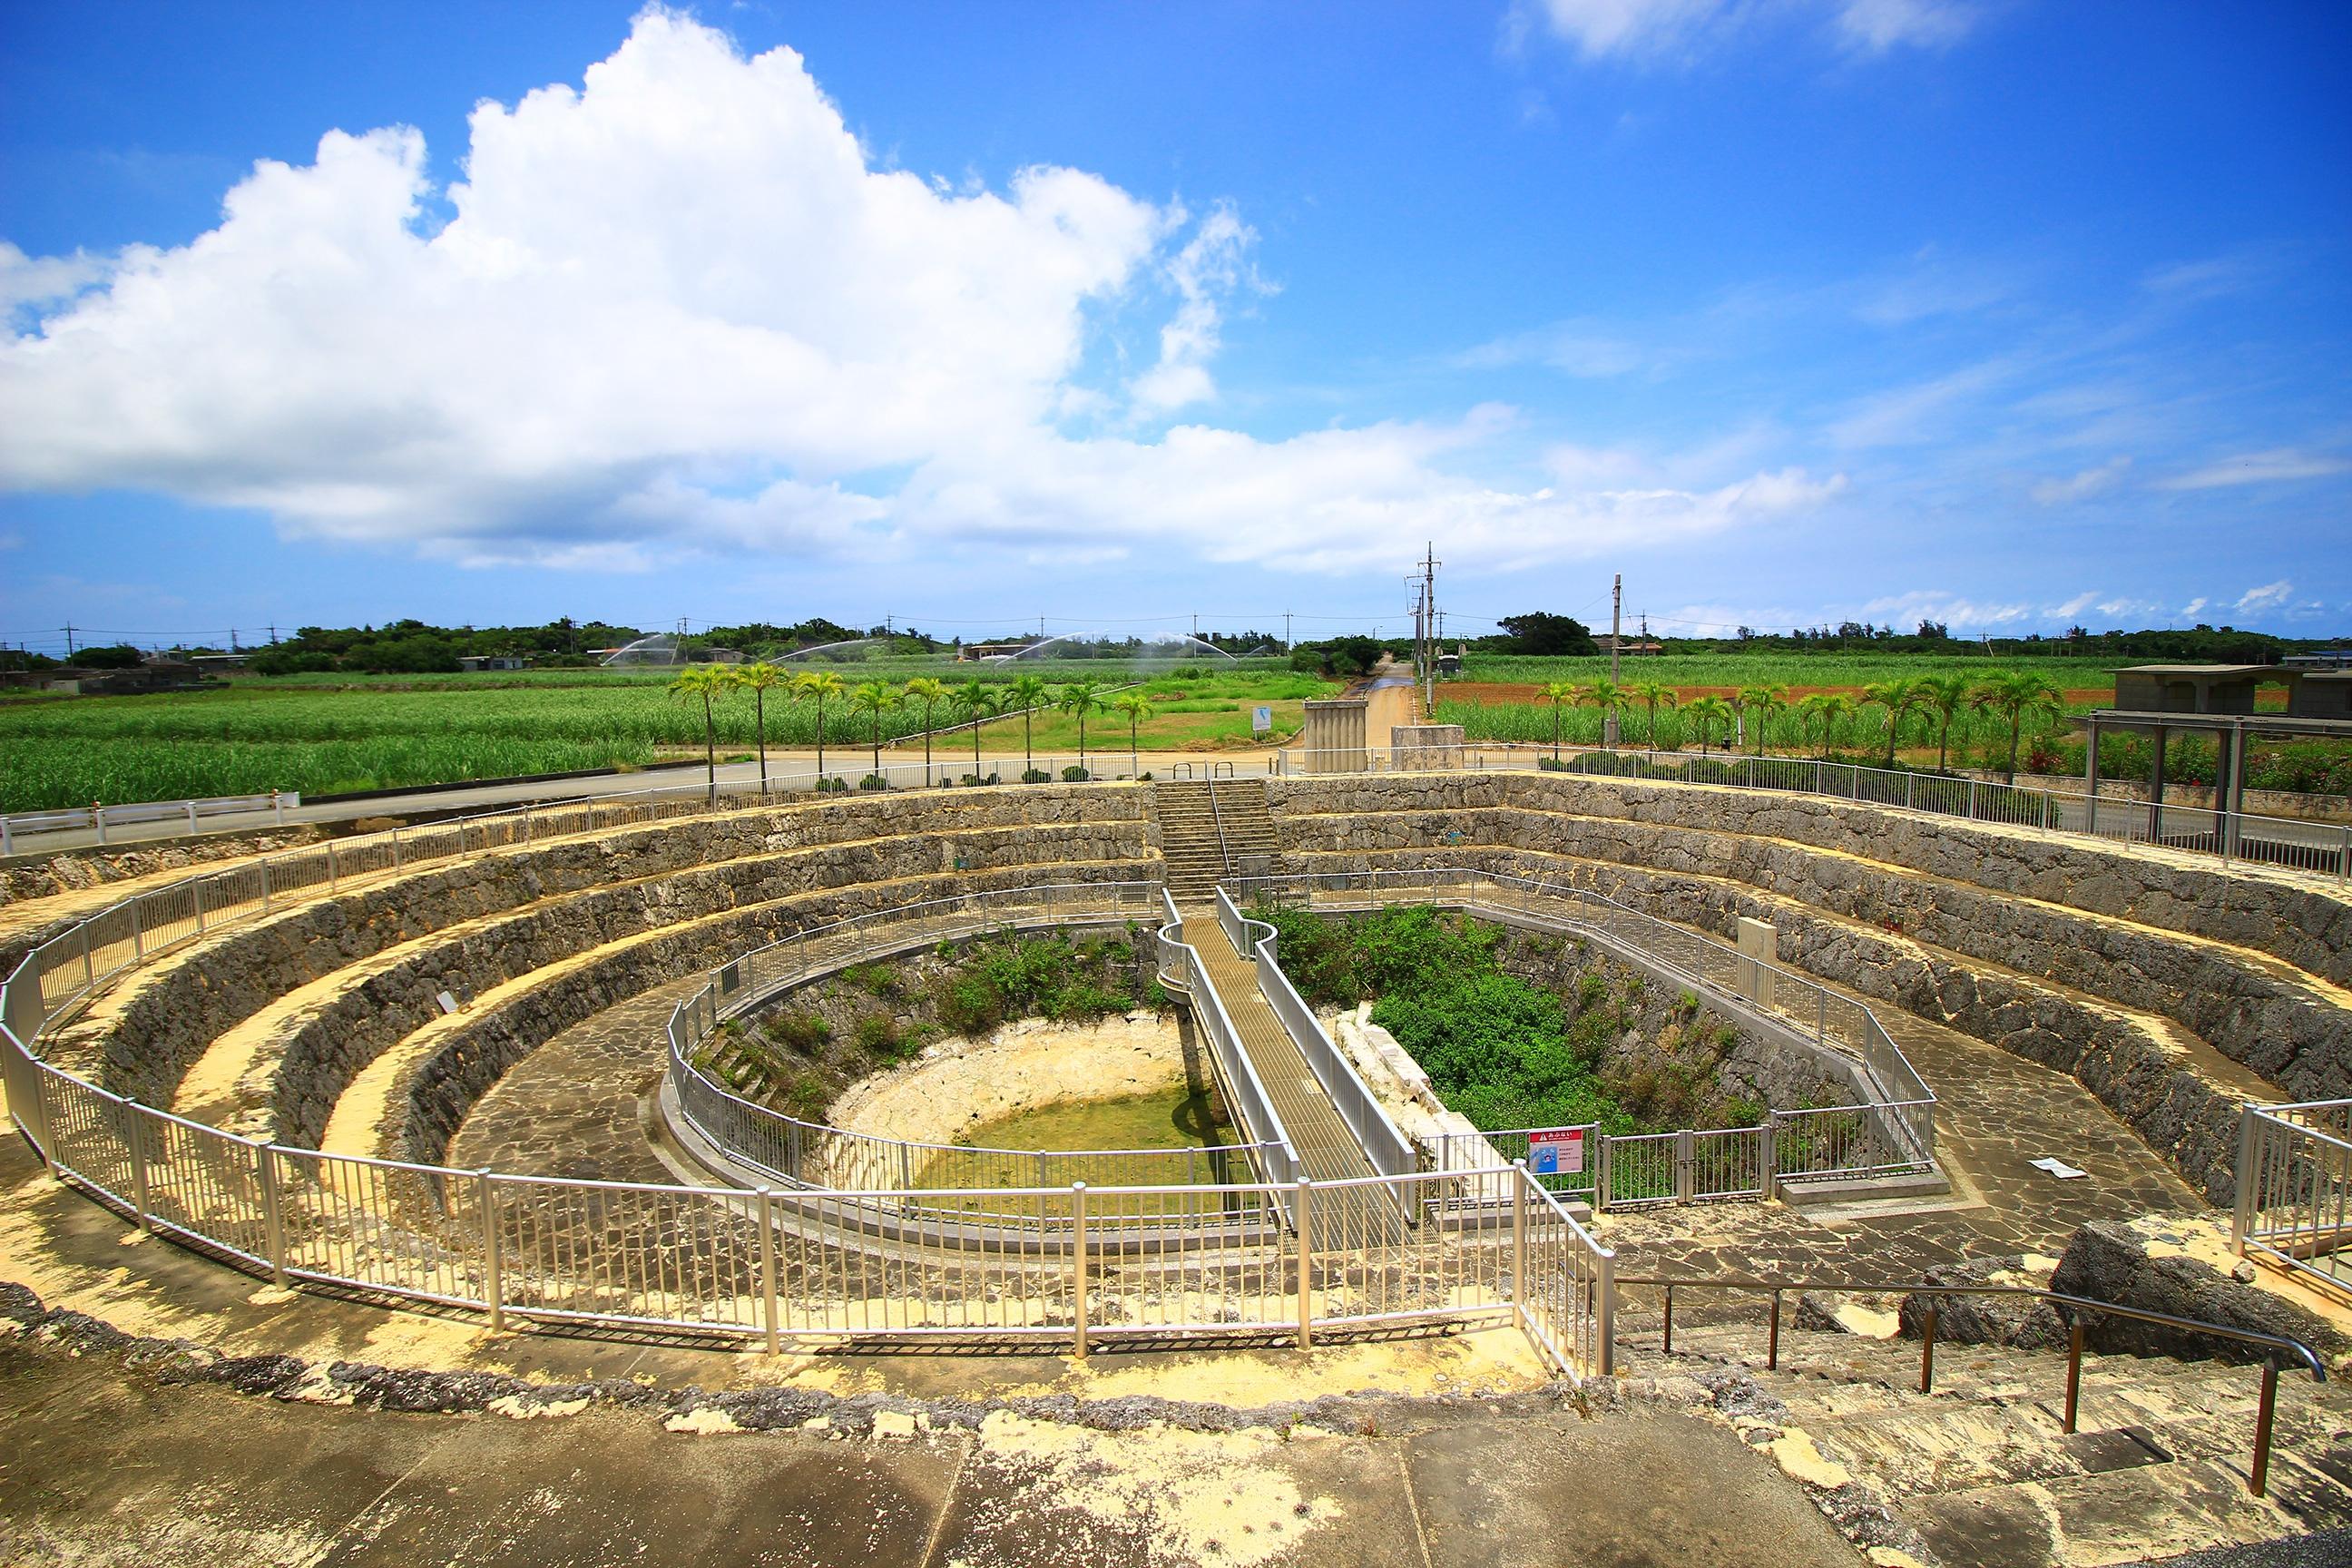 宮古島の水事情を調べたら、もっと宮古島について知りたくなった件